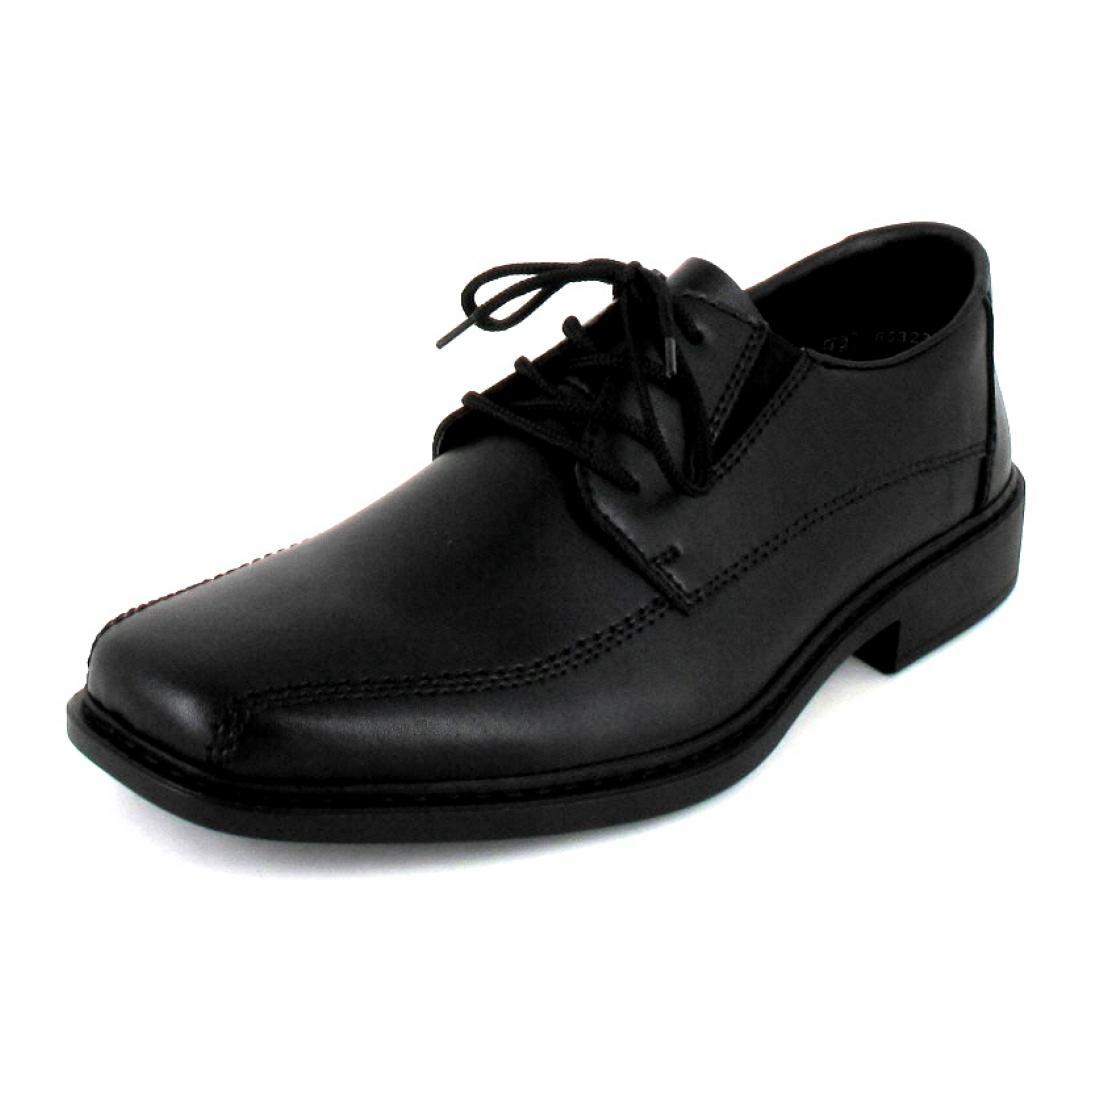 Rieker Businesss Schuh